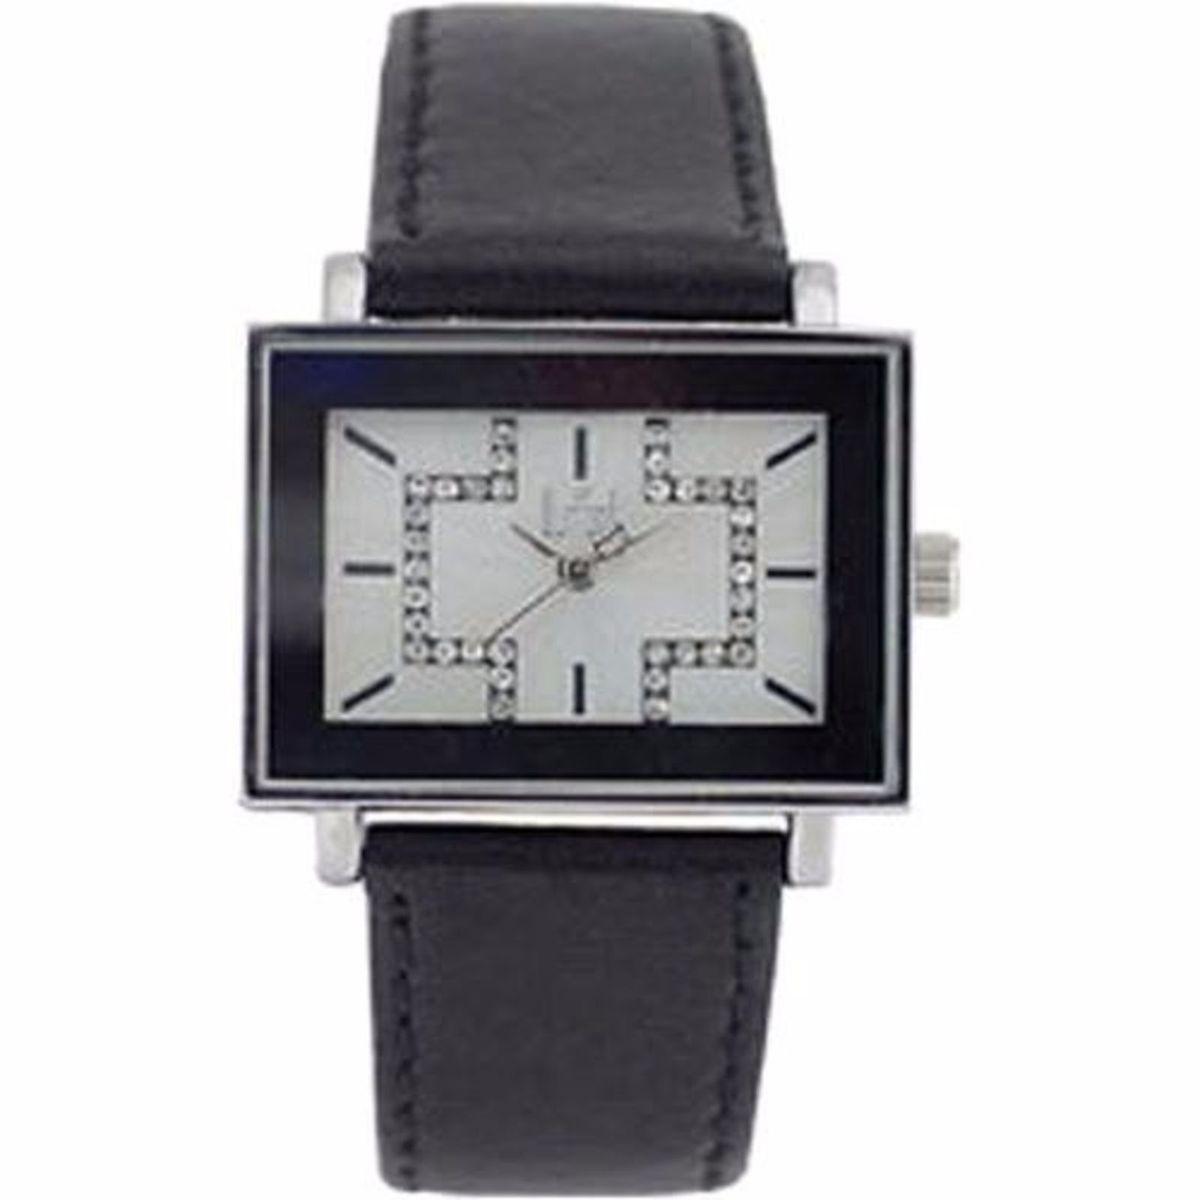 9595e40fd82 relógio dumont pulso feminino com cristais pulseira couro - relógios dumont